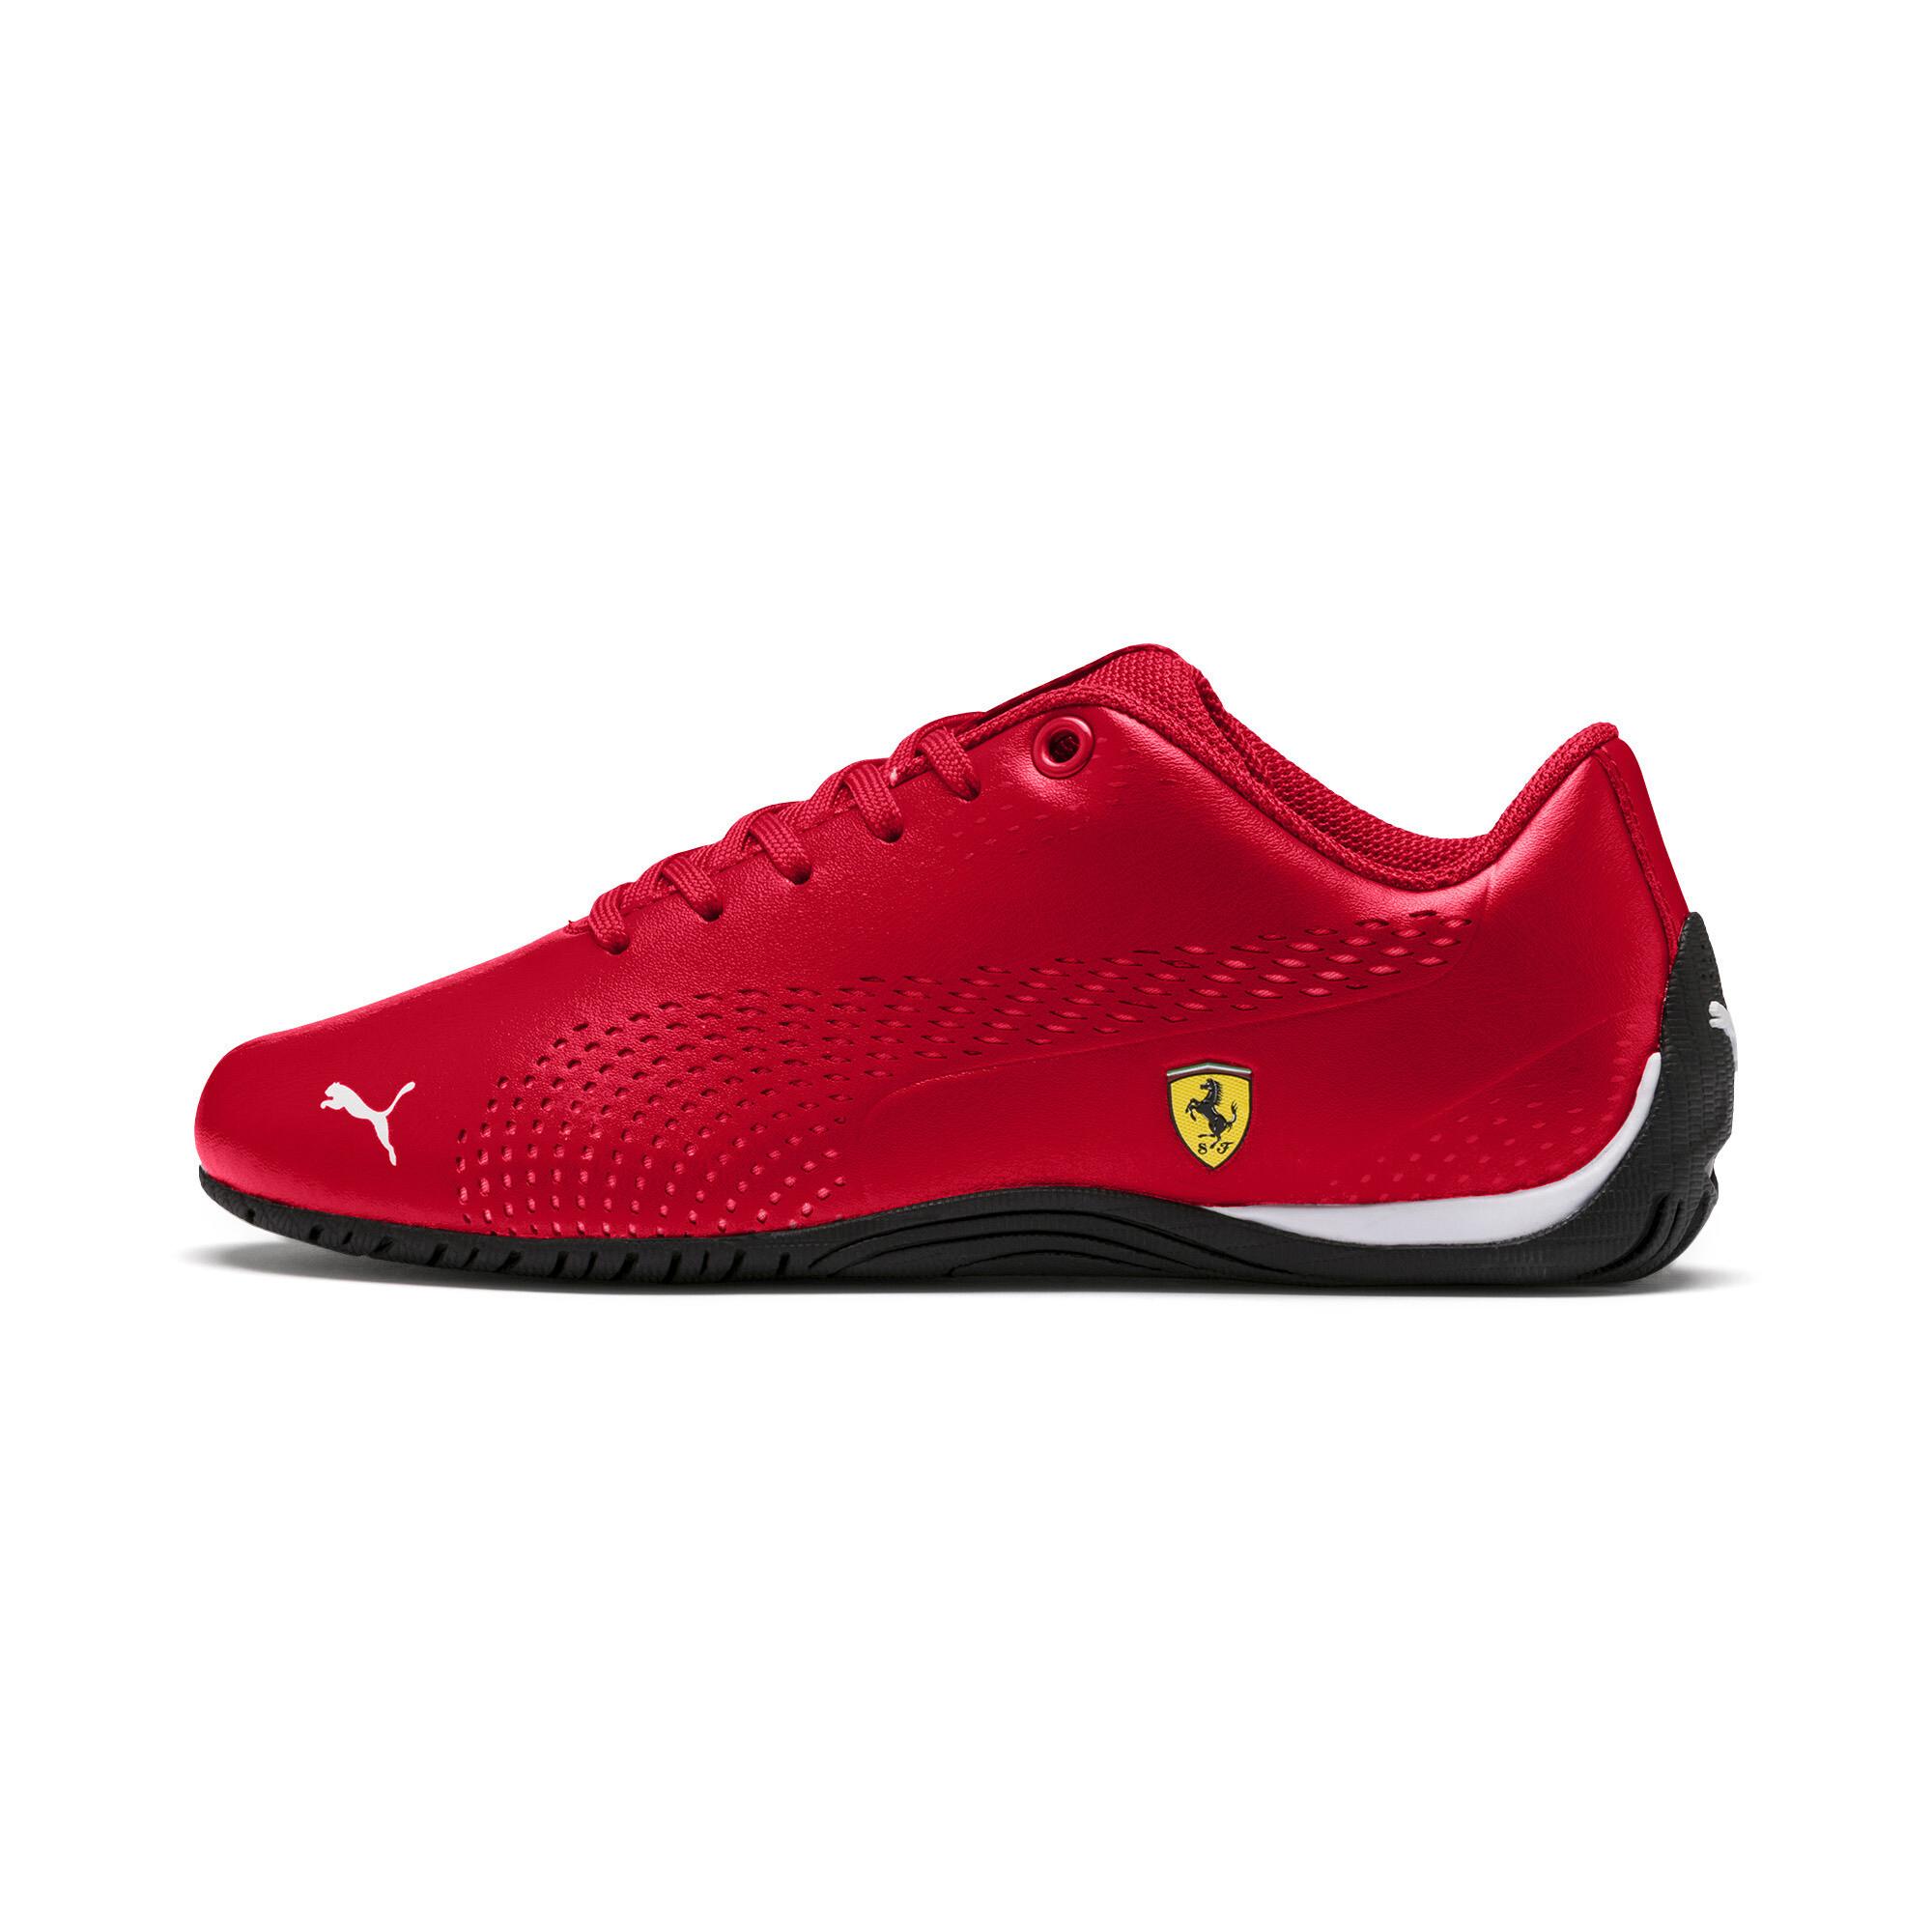 Details about PUMA Youth Scuderia Ferrari Drift Cat 5 Ultra II Shoes